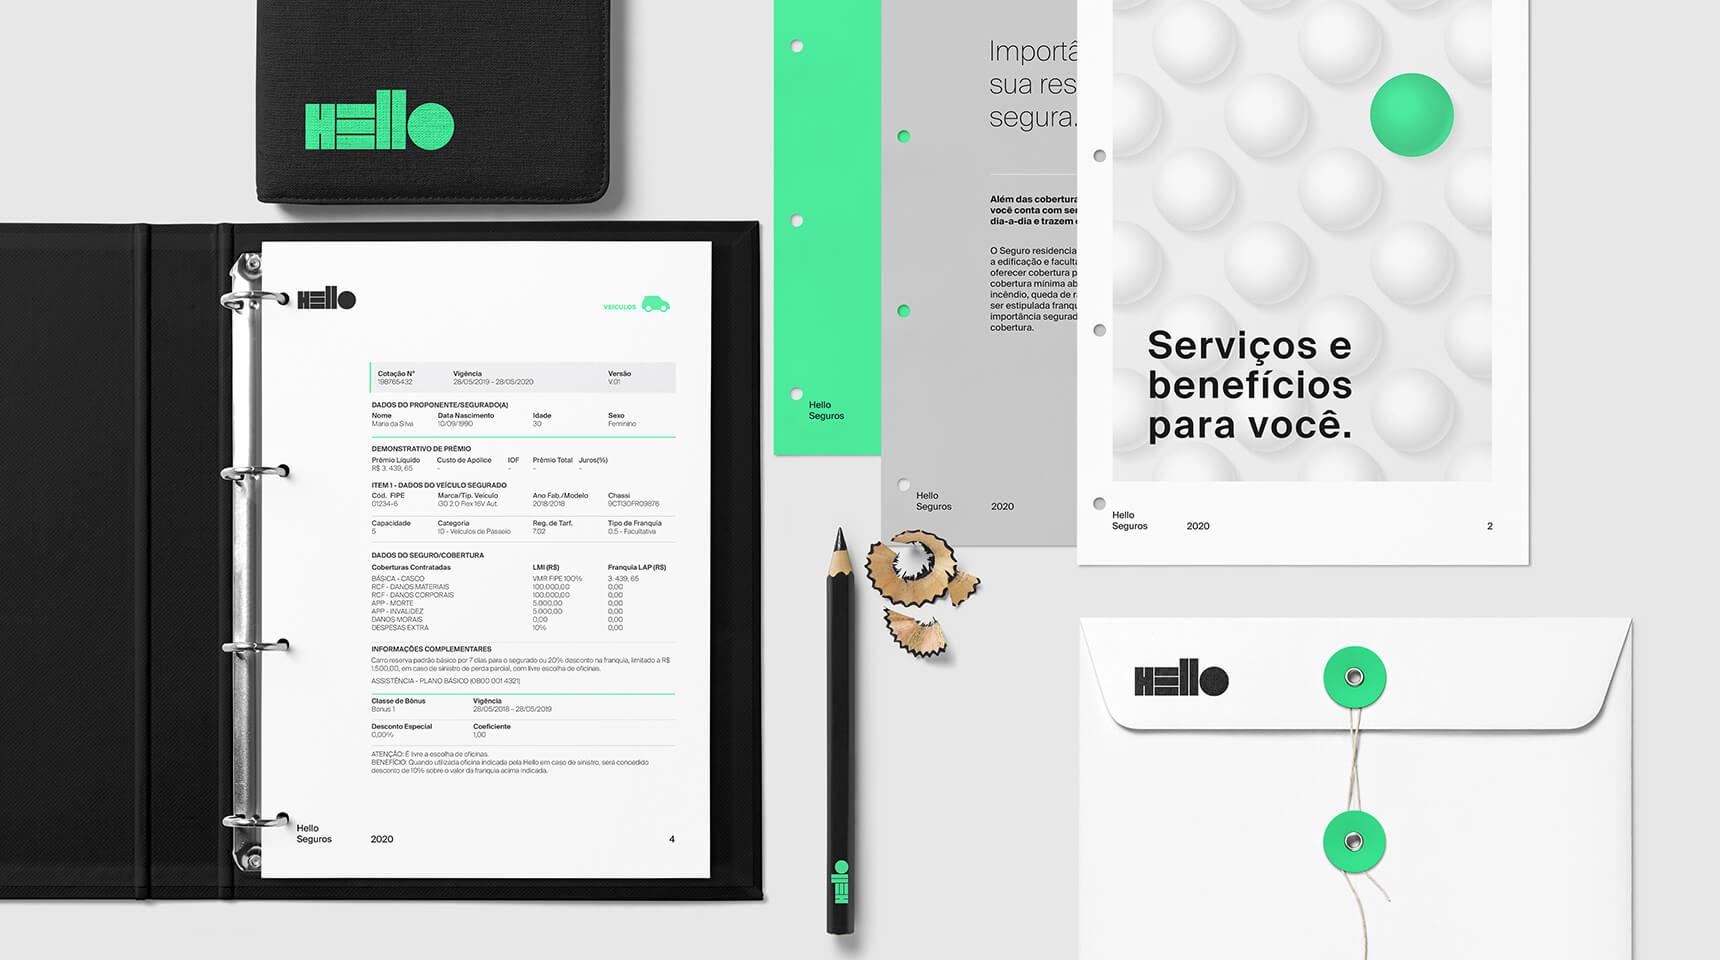 firmorama_hello-seguros_03